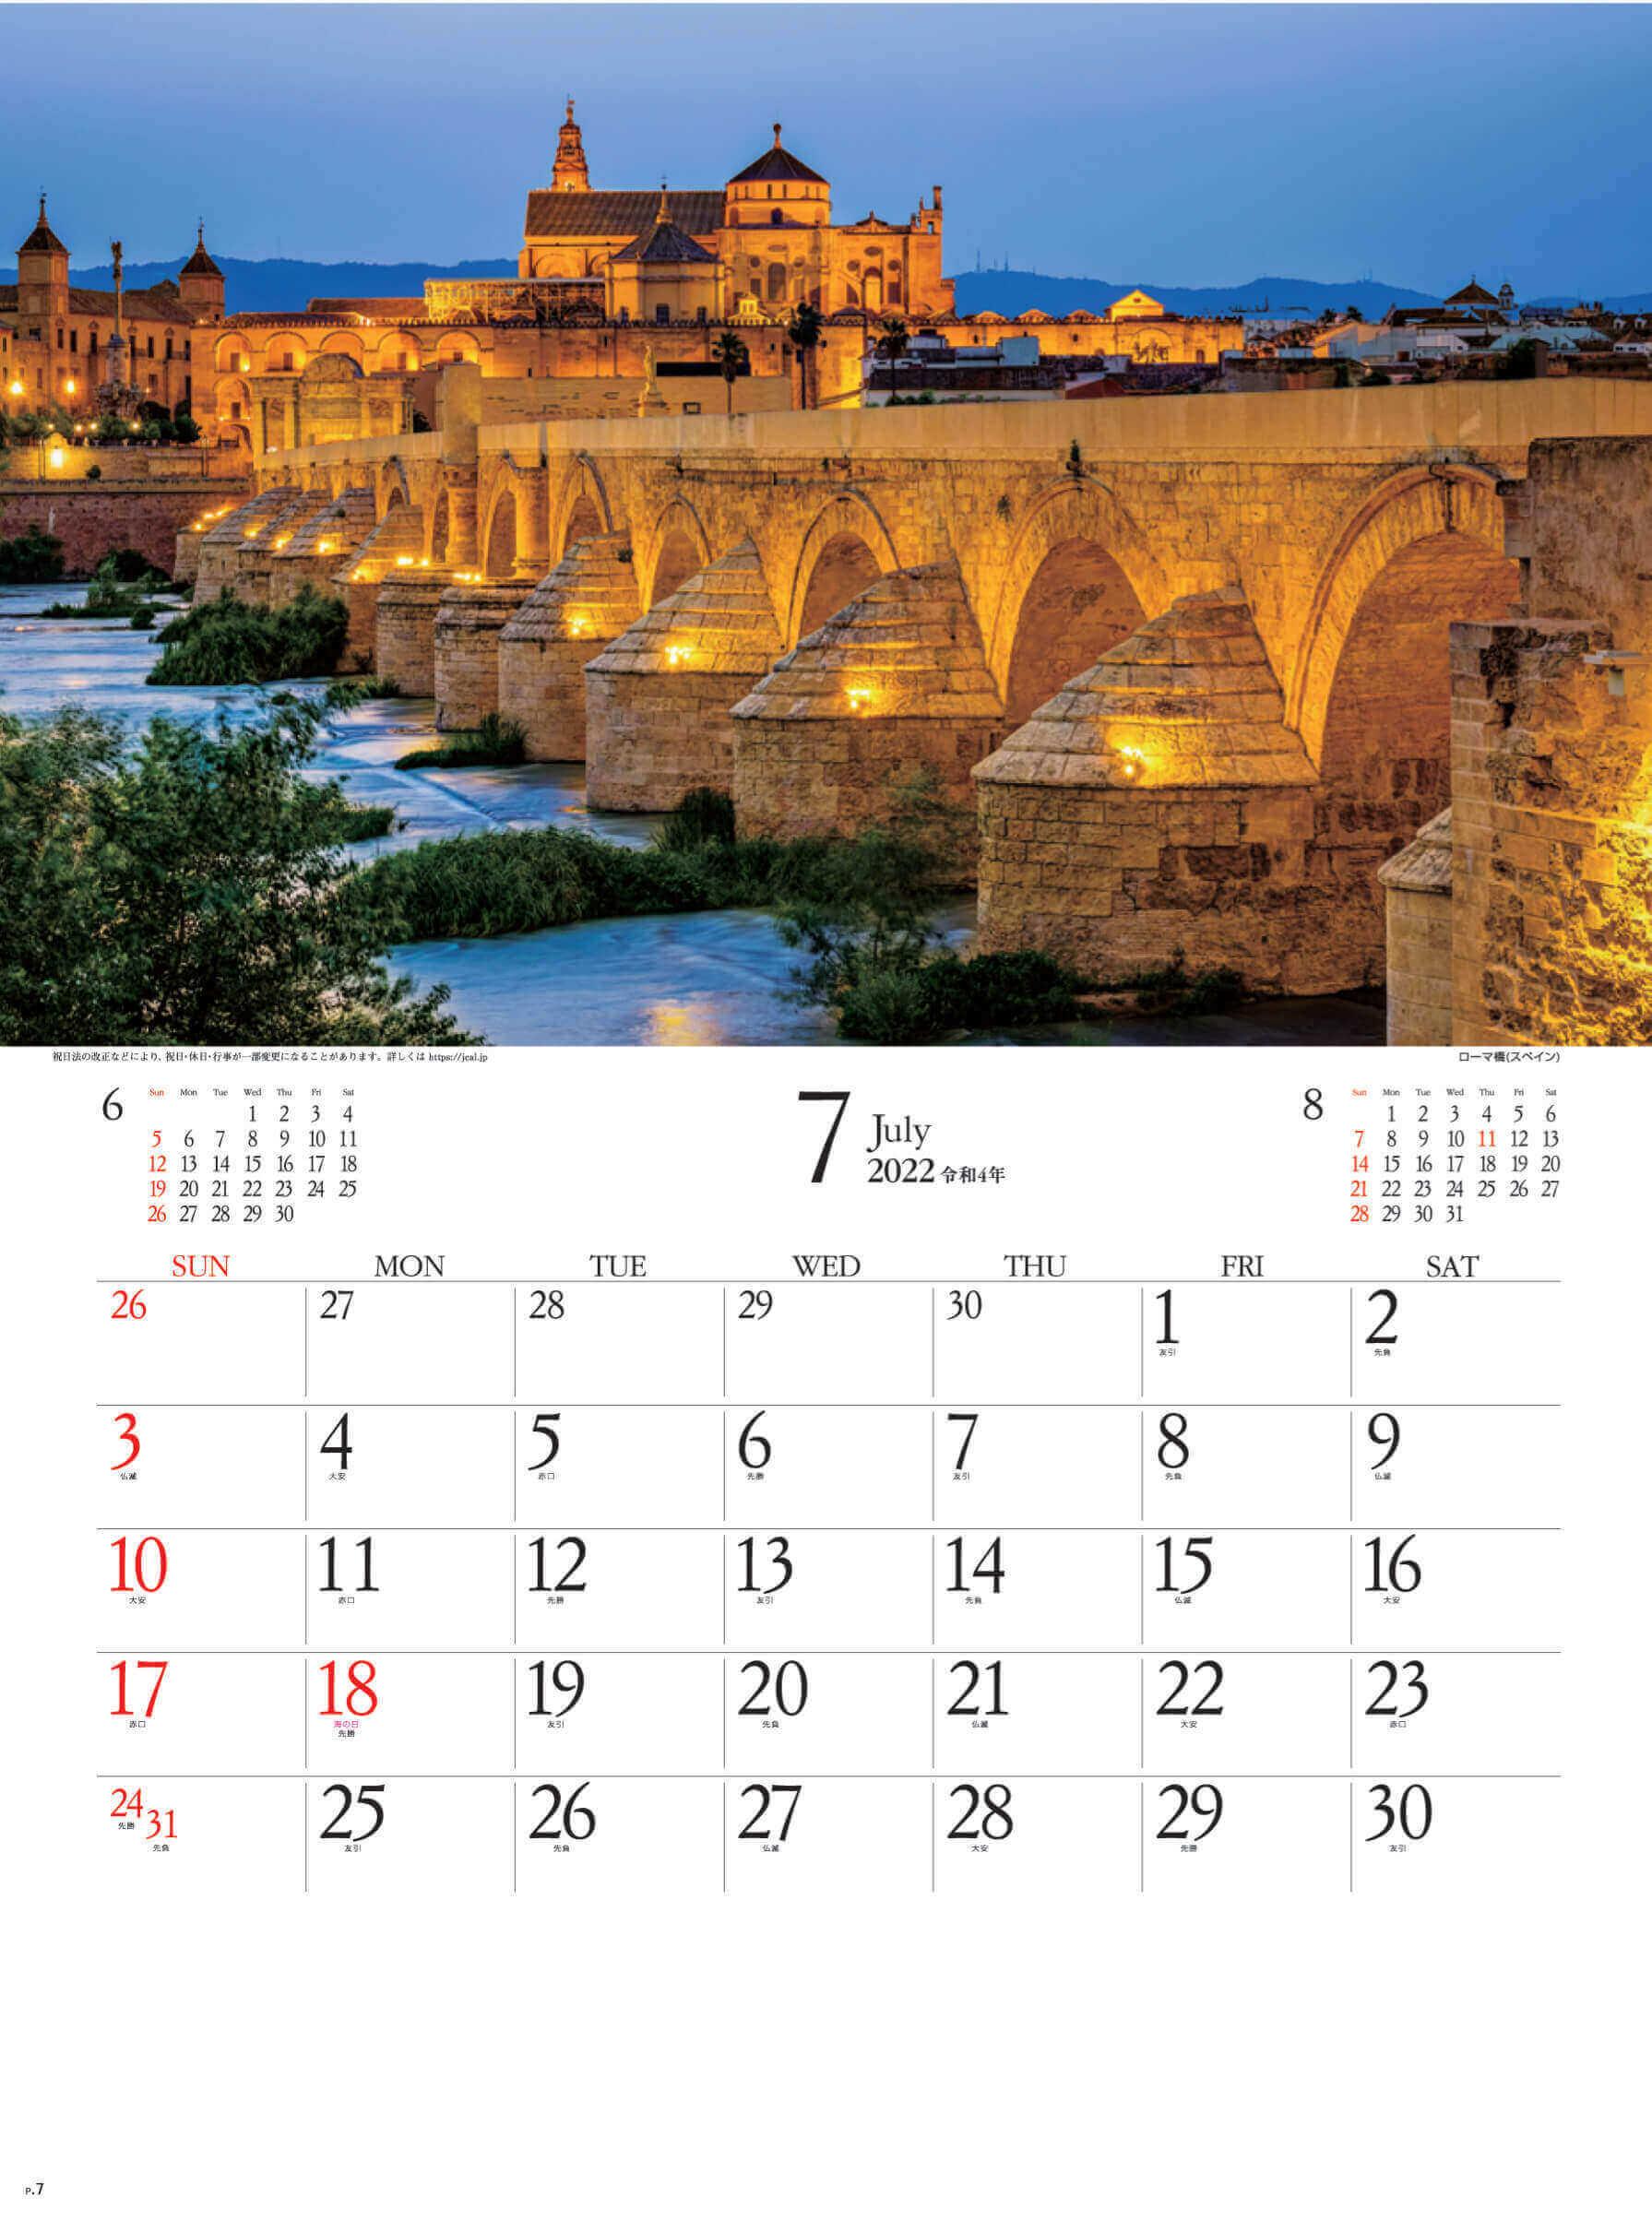 7月 ローマ橋 スペイン エンドレスシティ・世界の夜景 2022年カレンダーの画像